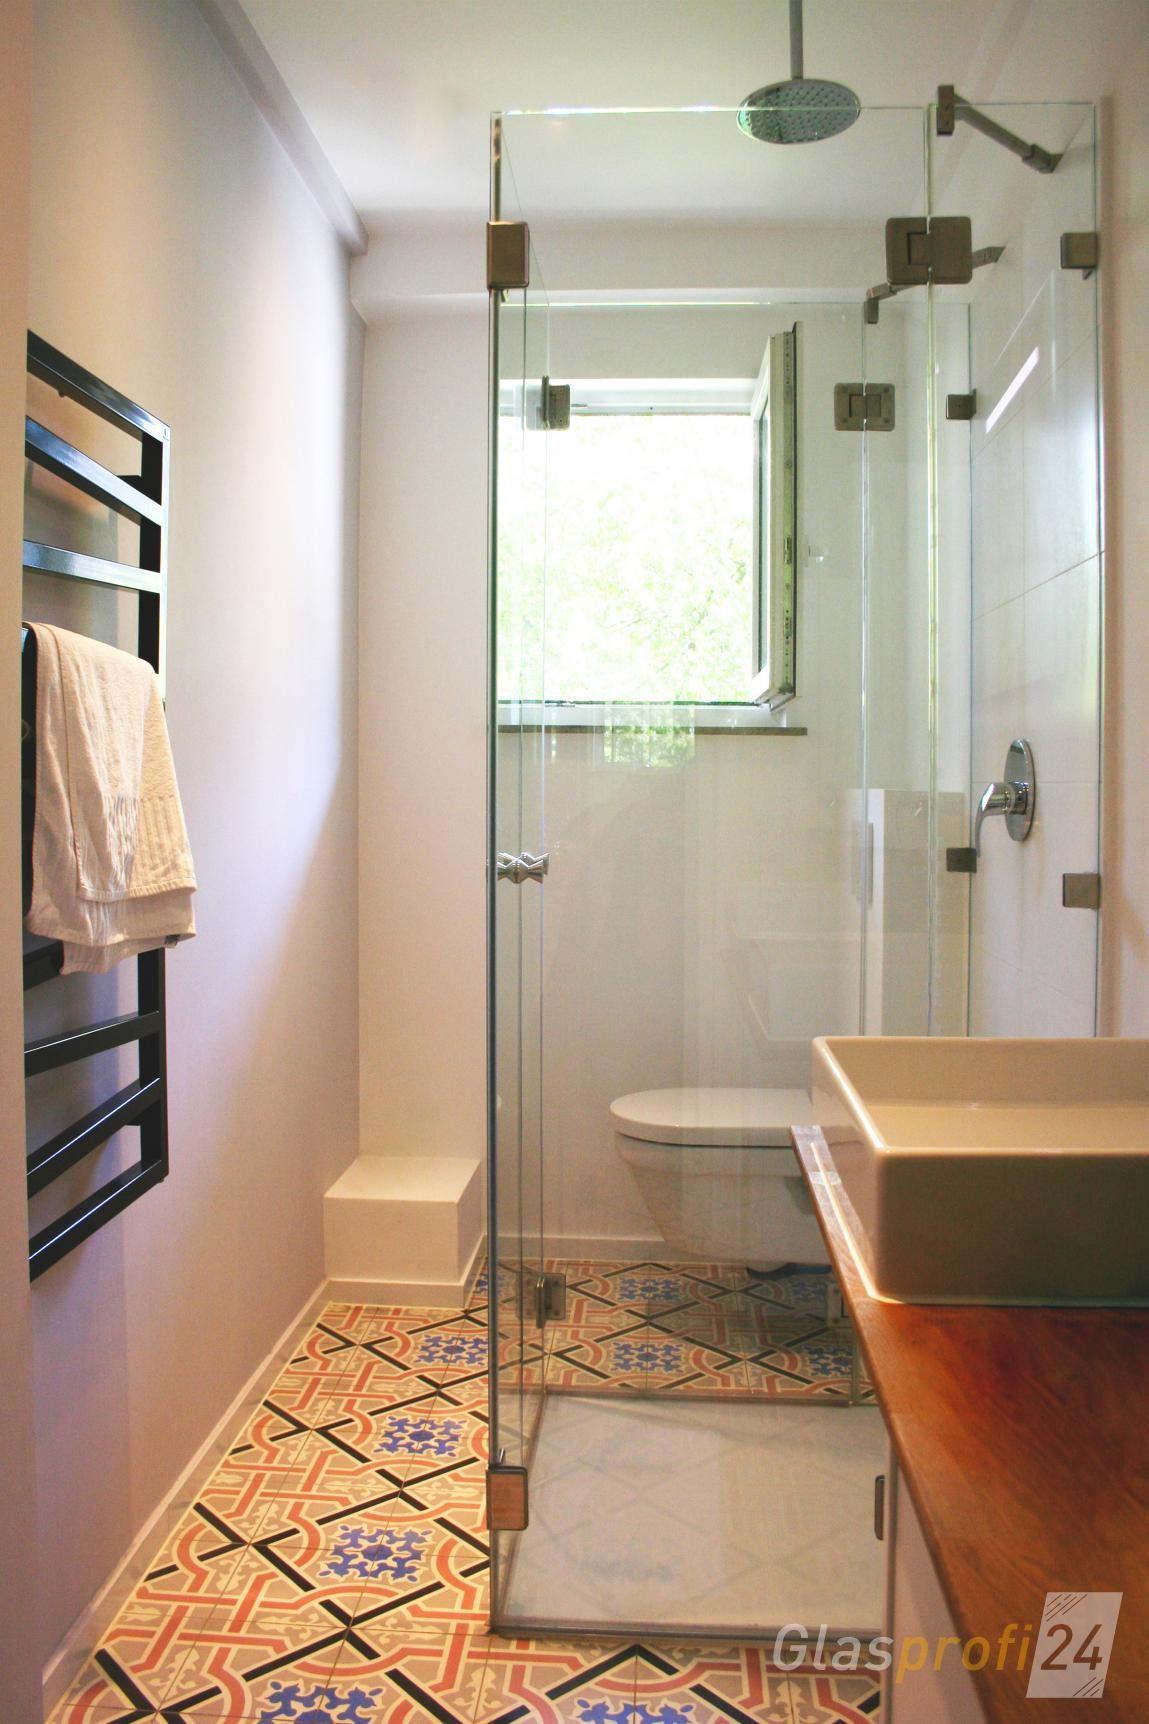 Eine Faltbare Dusche Aus Echtem Glas Ist Eine Sehr Platzsparende